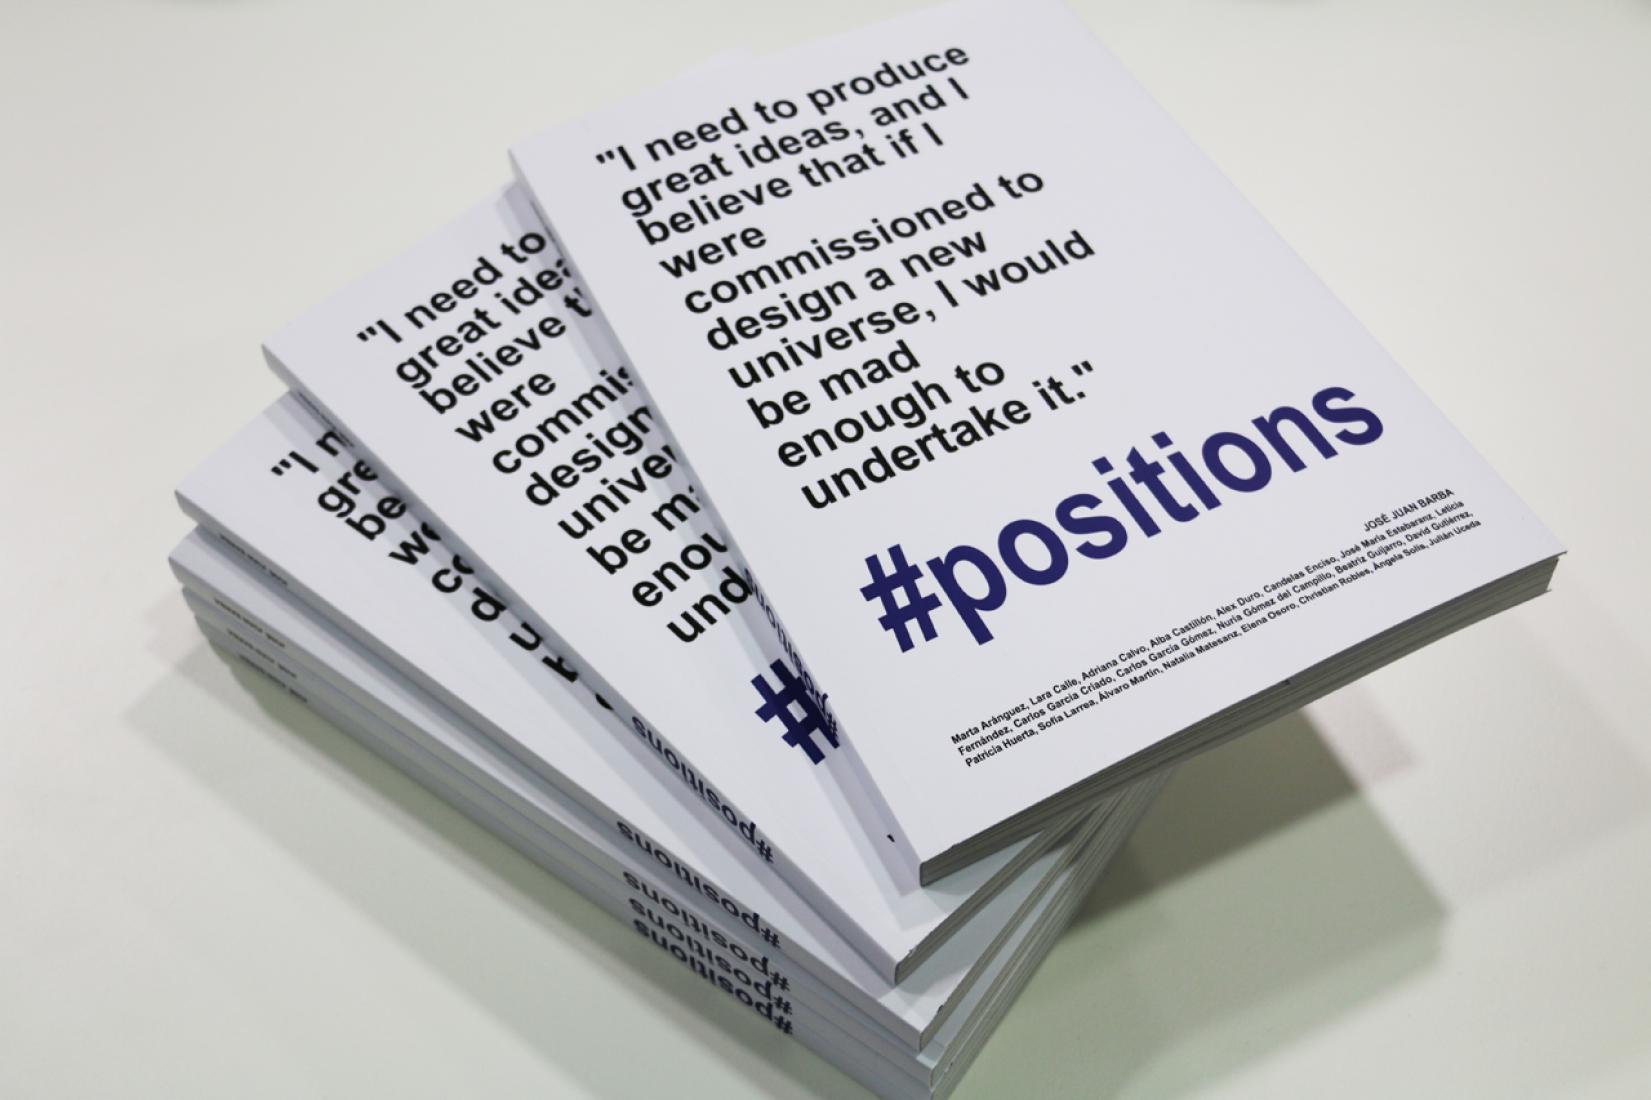 #positions, by José Juan Barba.